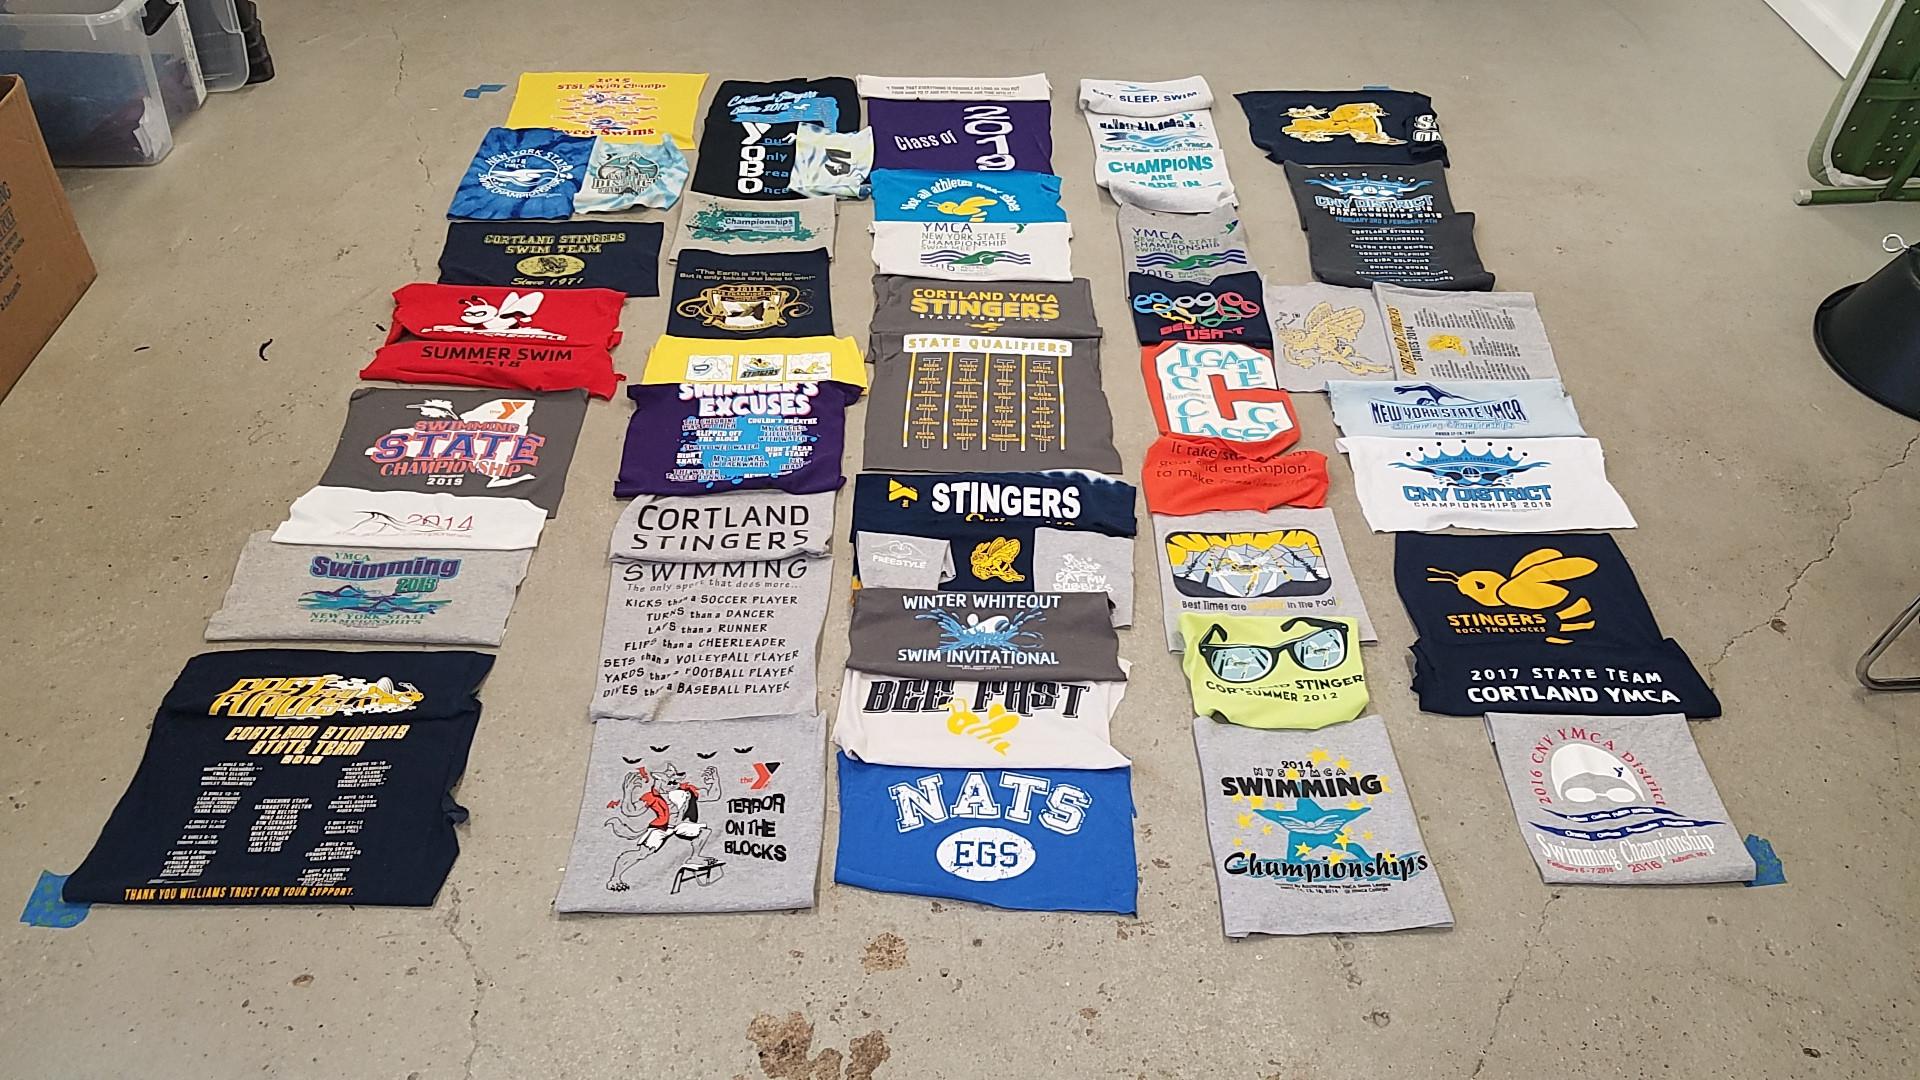 Layout of T-shirts.